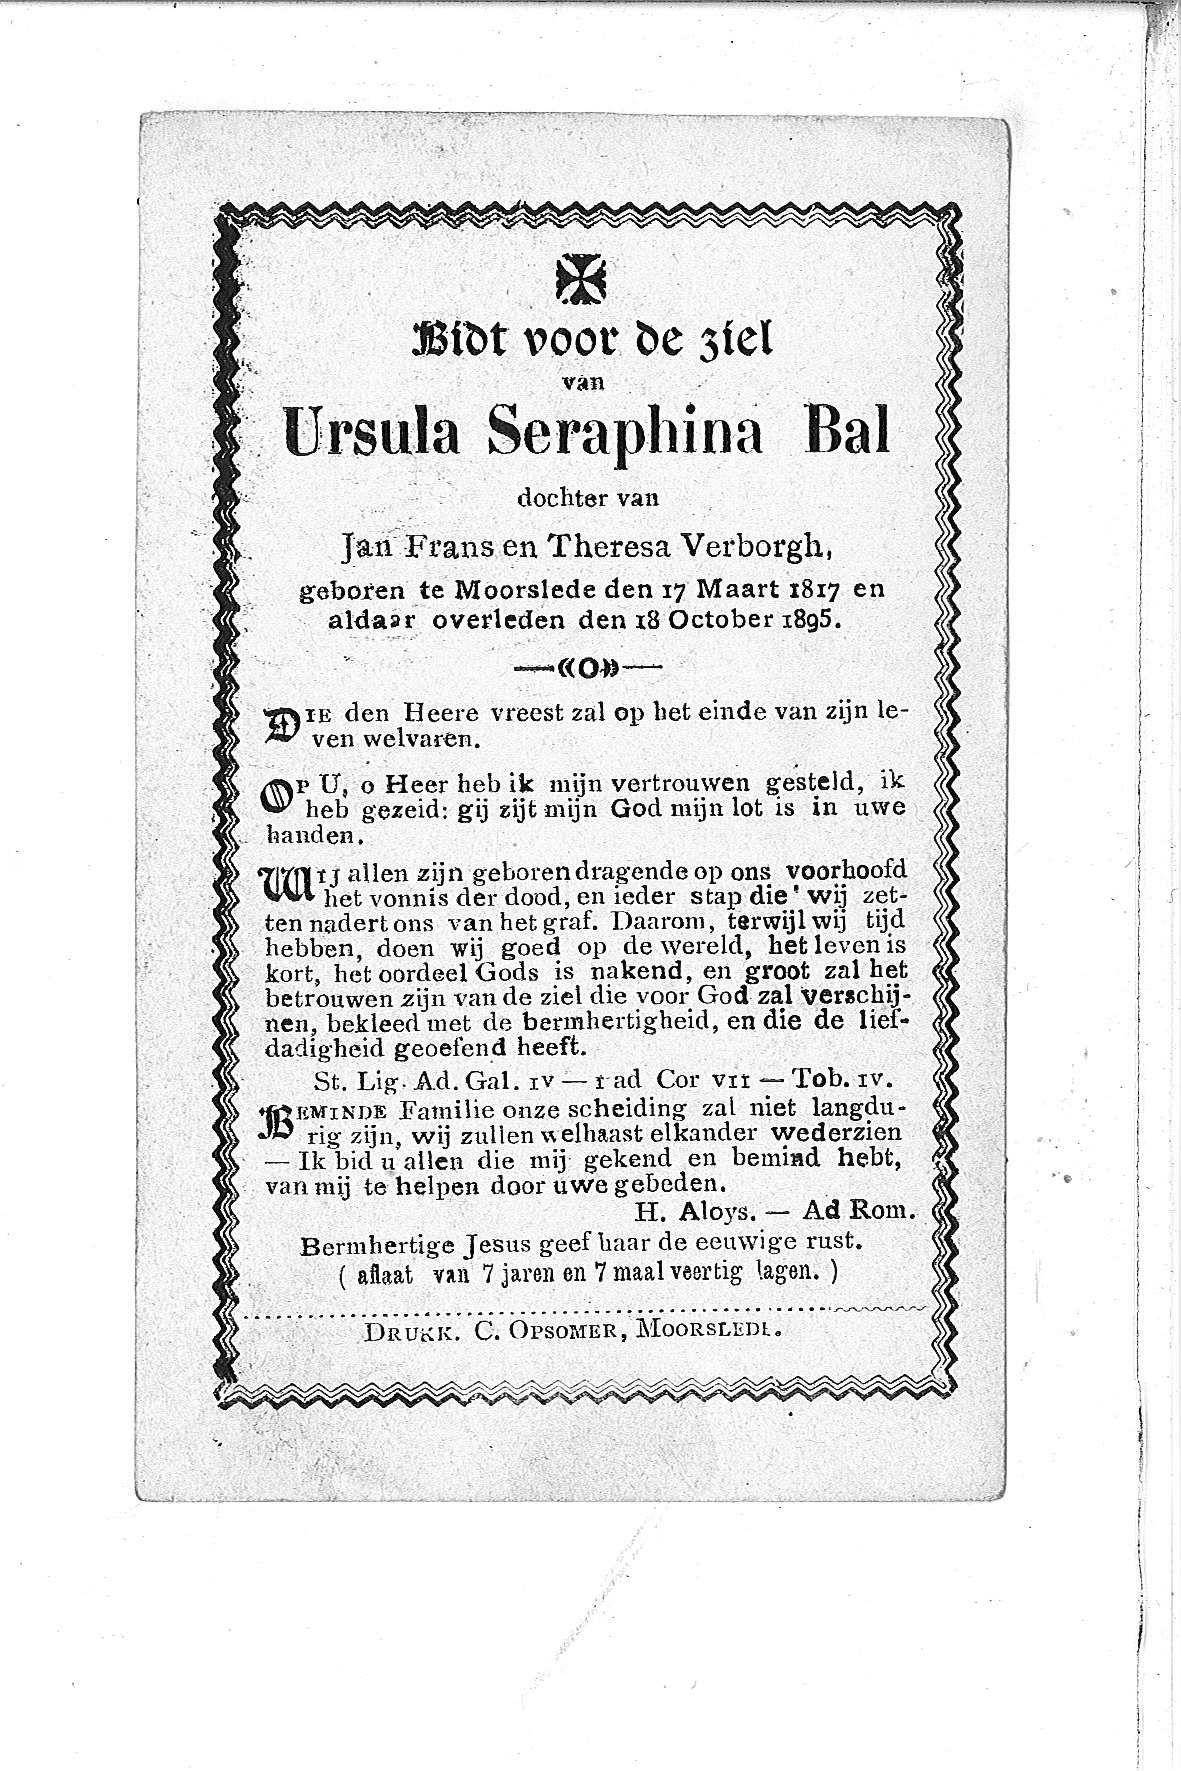 Ursula-Seraphina(1895)20101006151440_00021.jpg